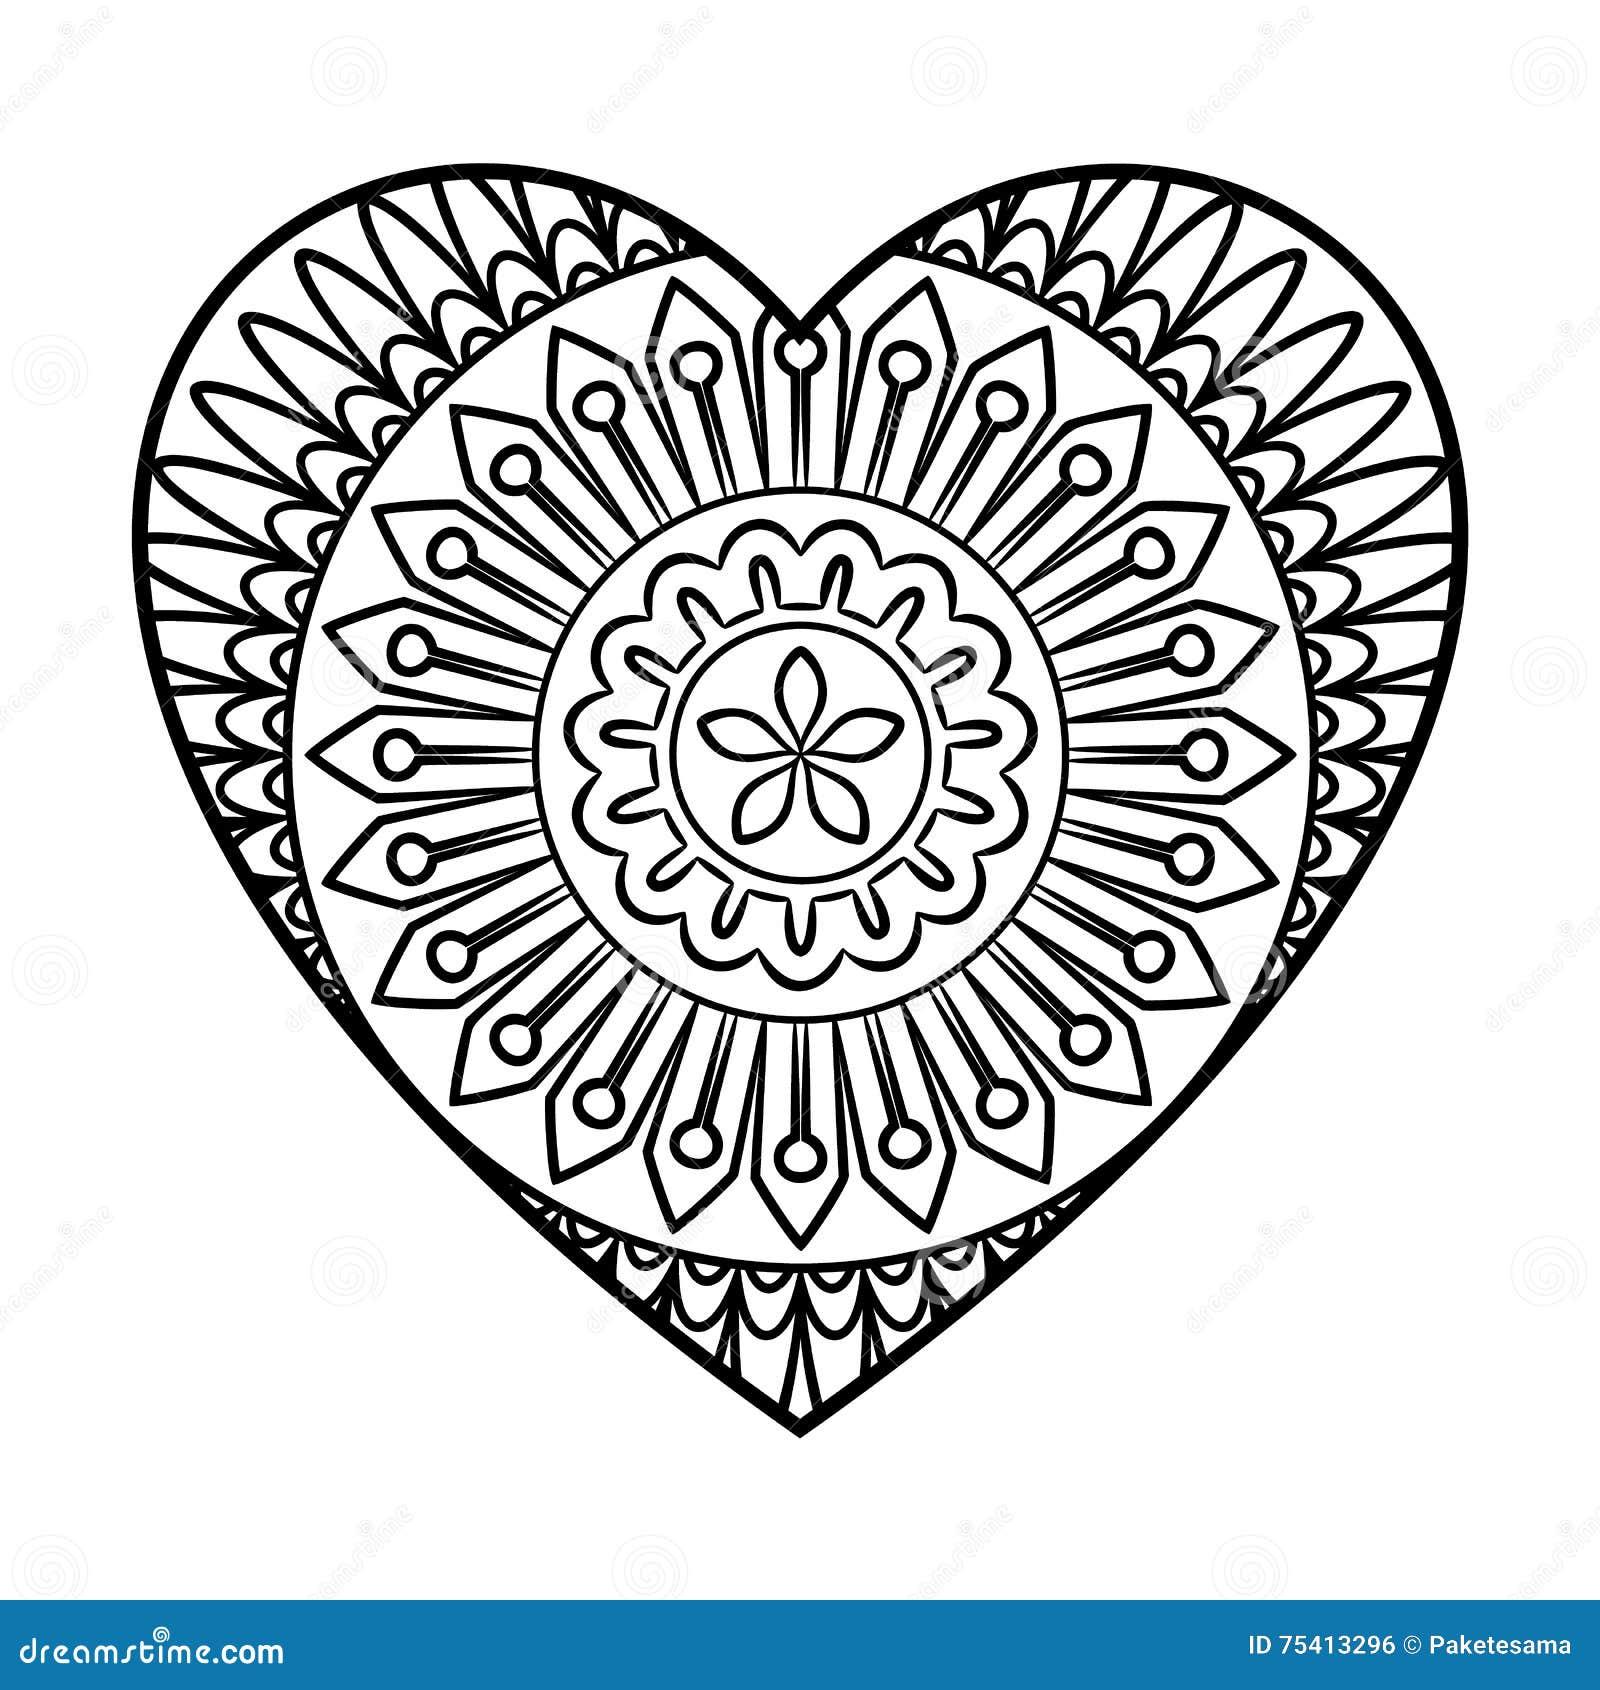 Gekritzel-Herz-Mandala vektor abbildung. Illustration von blume ...